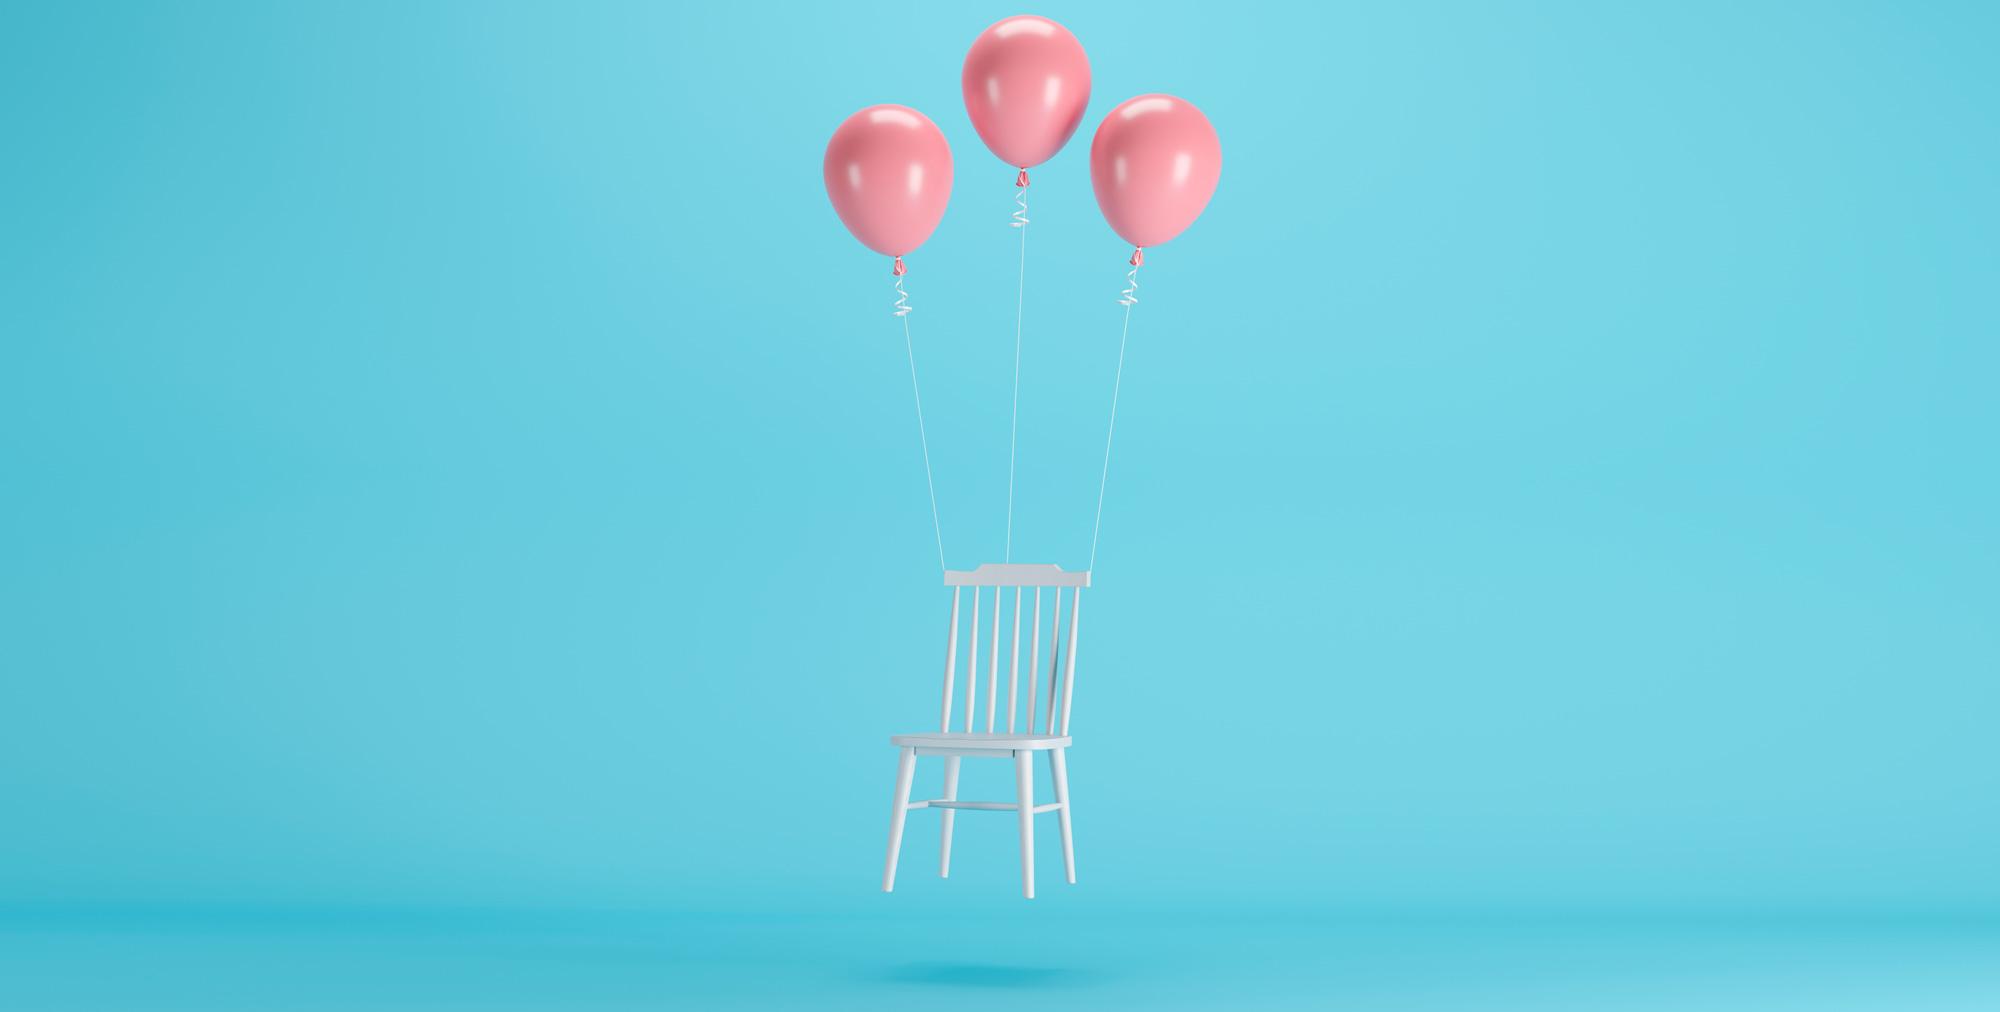 Globos elevando silla